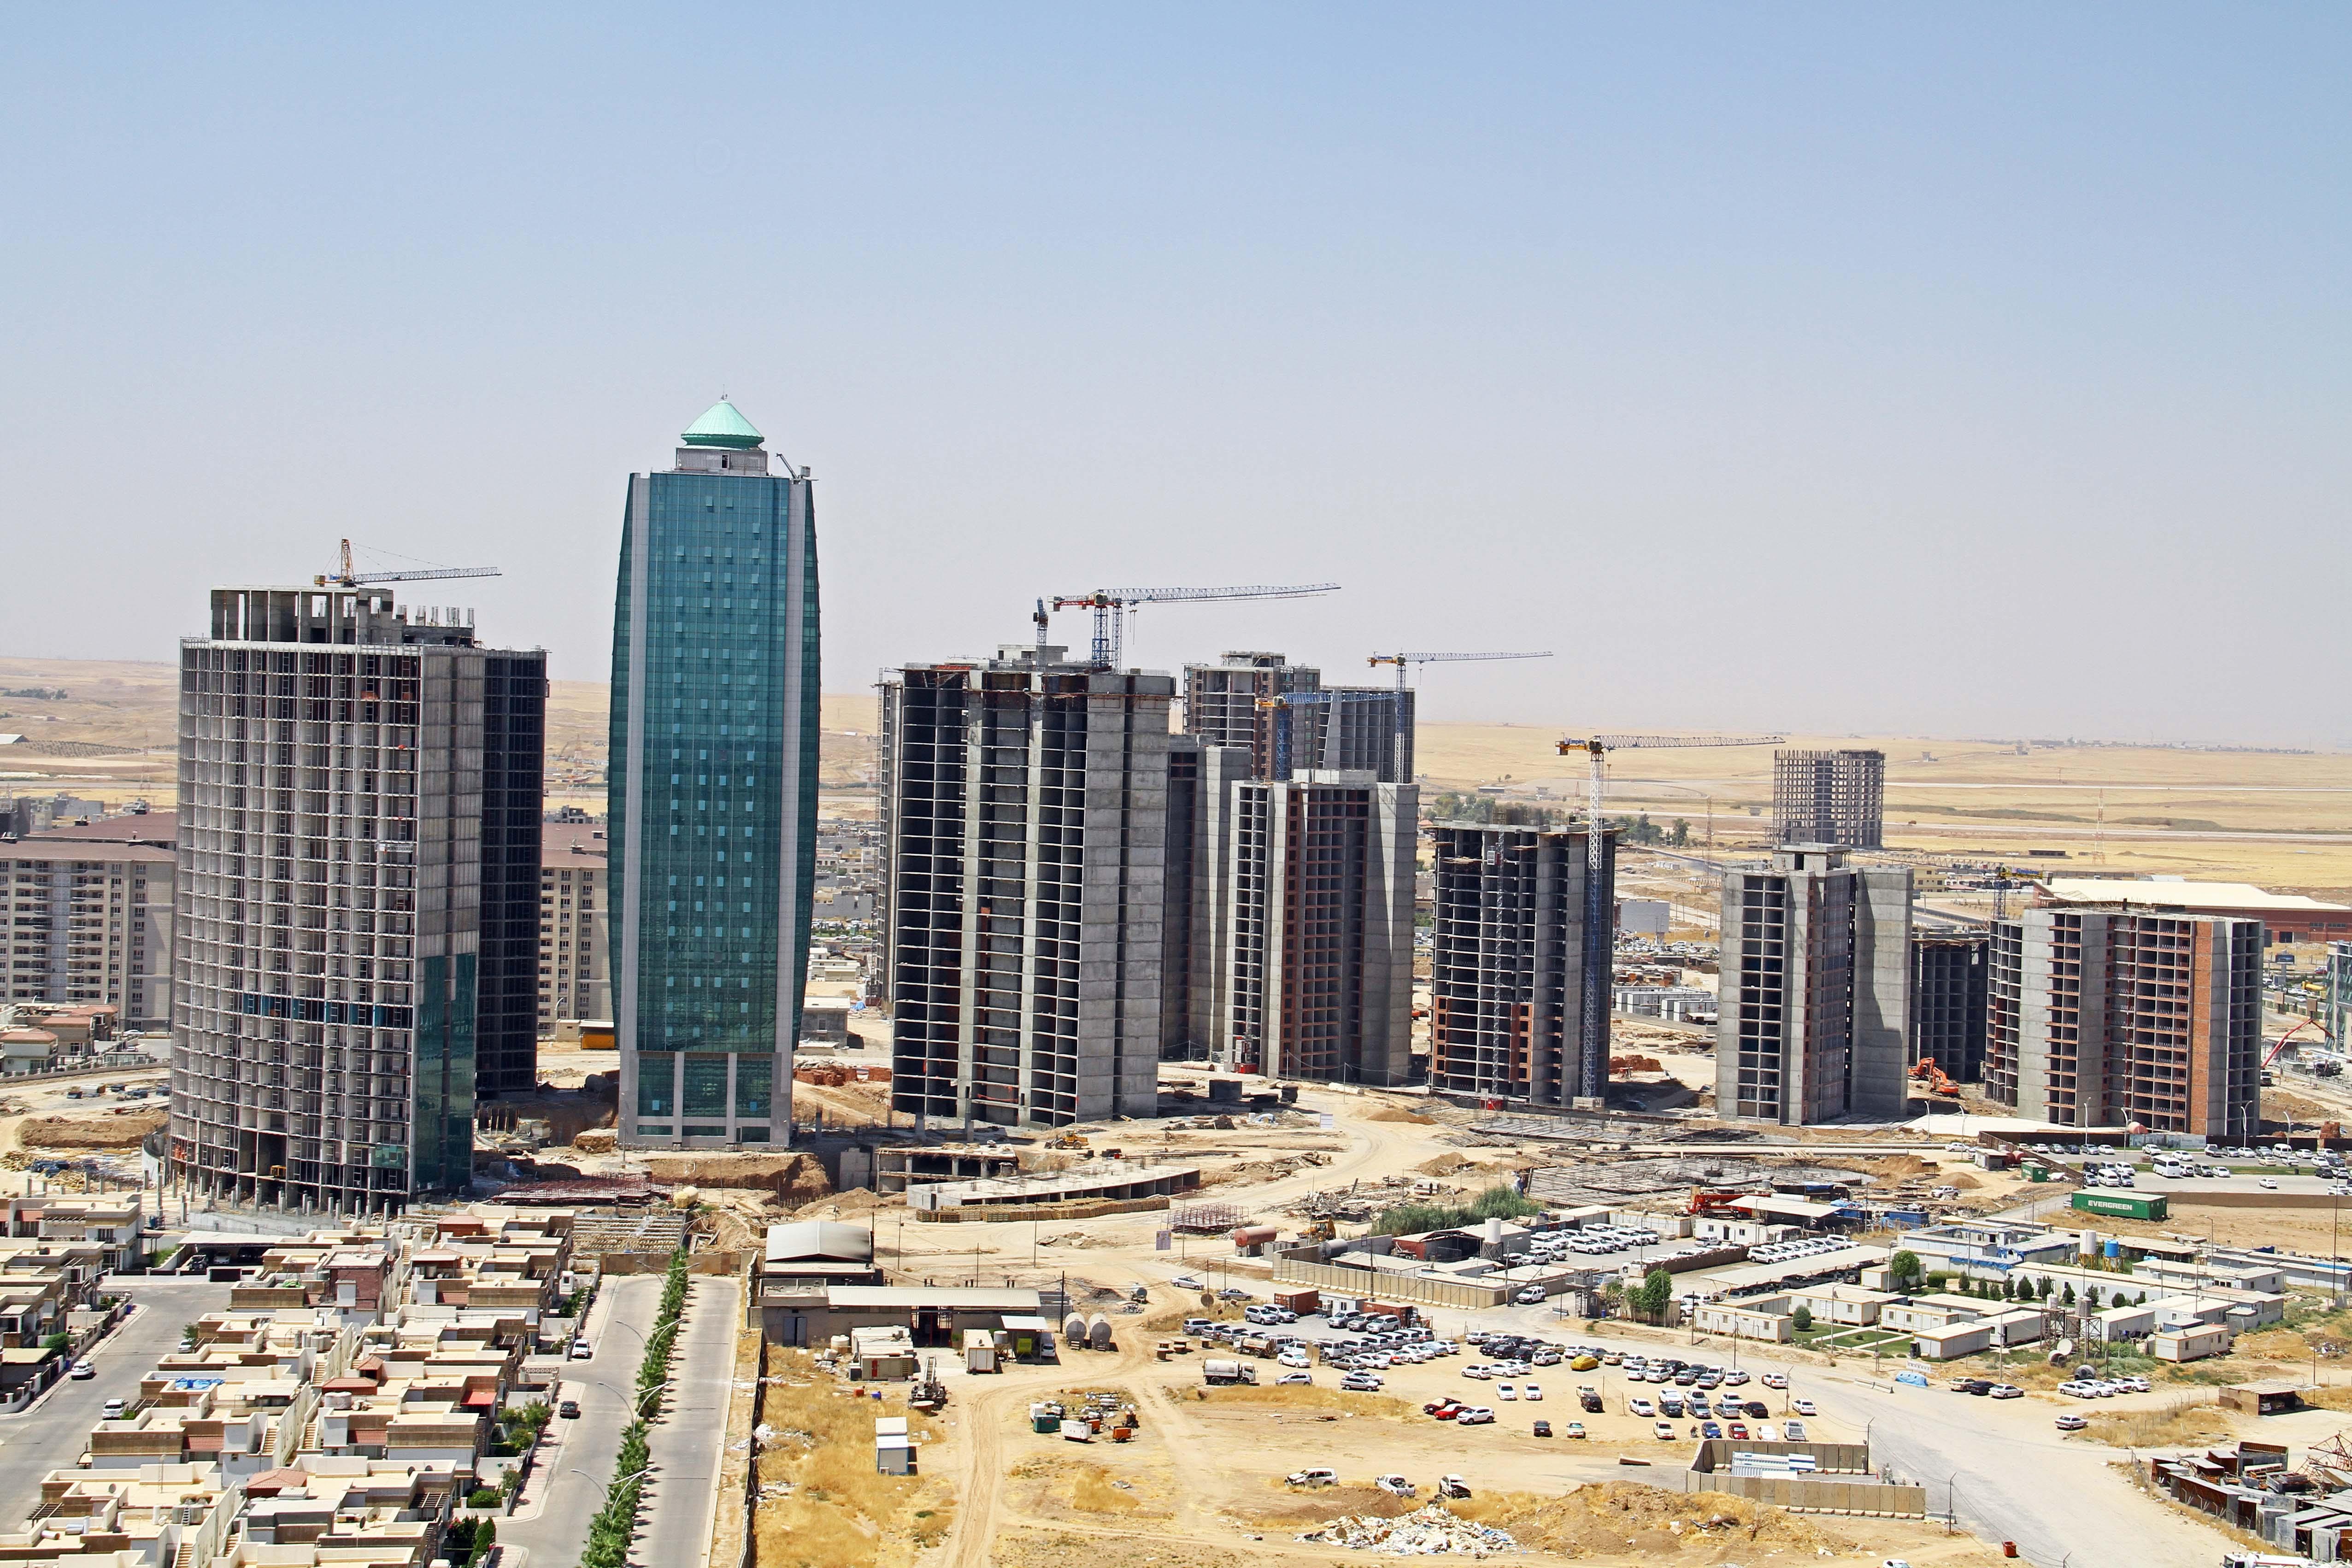 مدينة أربيل العراقية - صورة 1